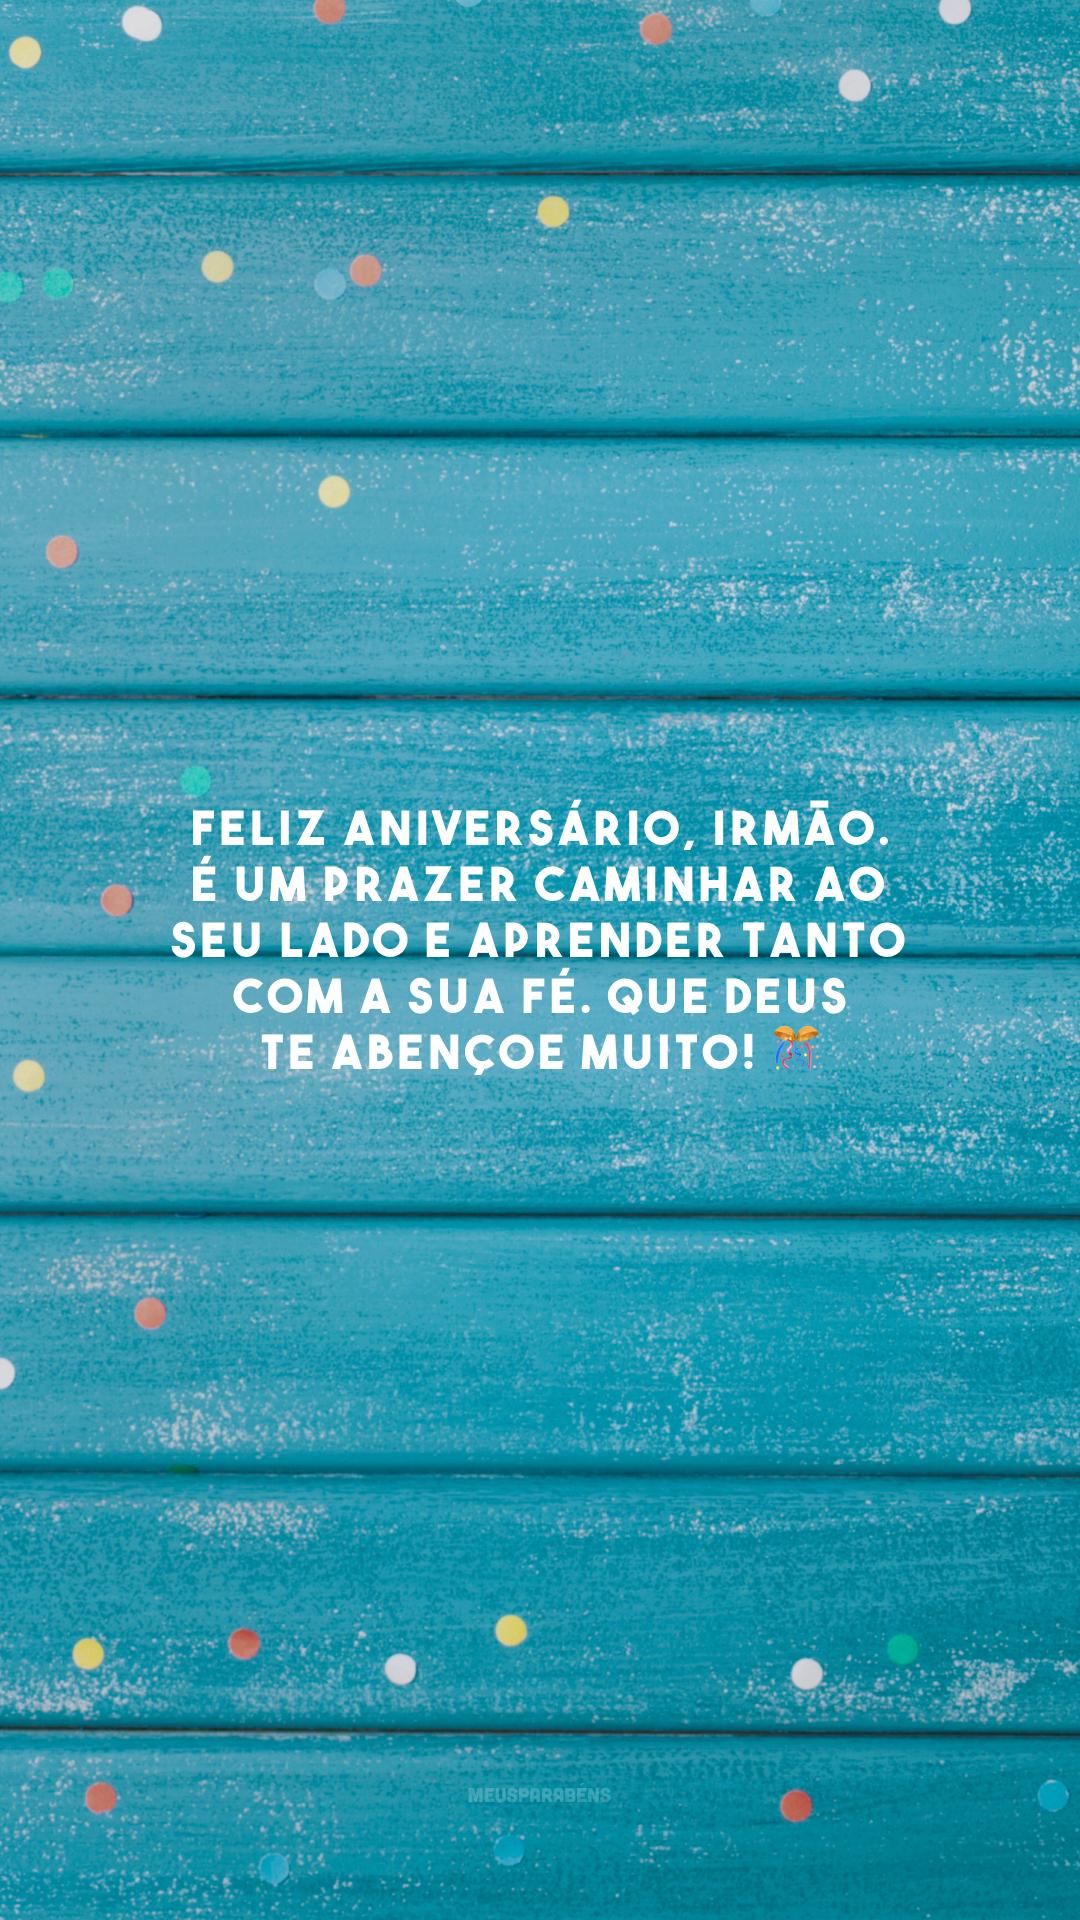 Feliz aniversário, irmão. É um prazer caminhar ao seu lado e aprender tanto com a sua fé. Que Deus te abençoe muito! 🎊